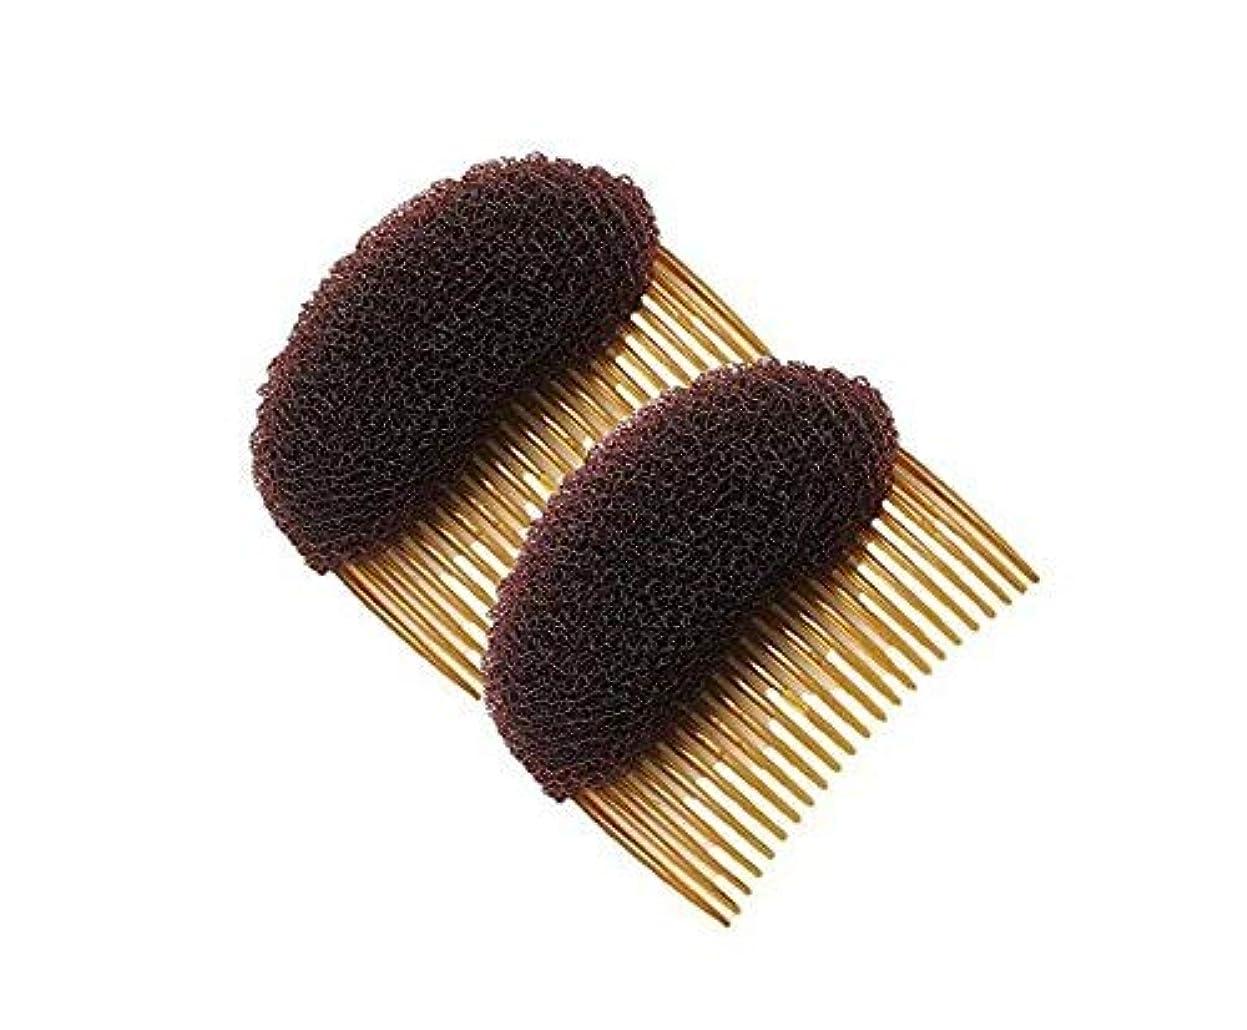 強制シソーラス伸ばす2PCS 23 Teeth Hair Fringe Volume Bump Up Inserts Tools-Hair Pin Hair Styling Clip Hair Charming Insert Do Beehive...